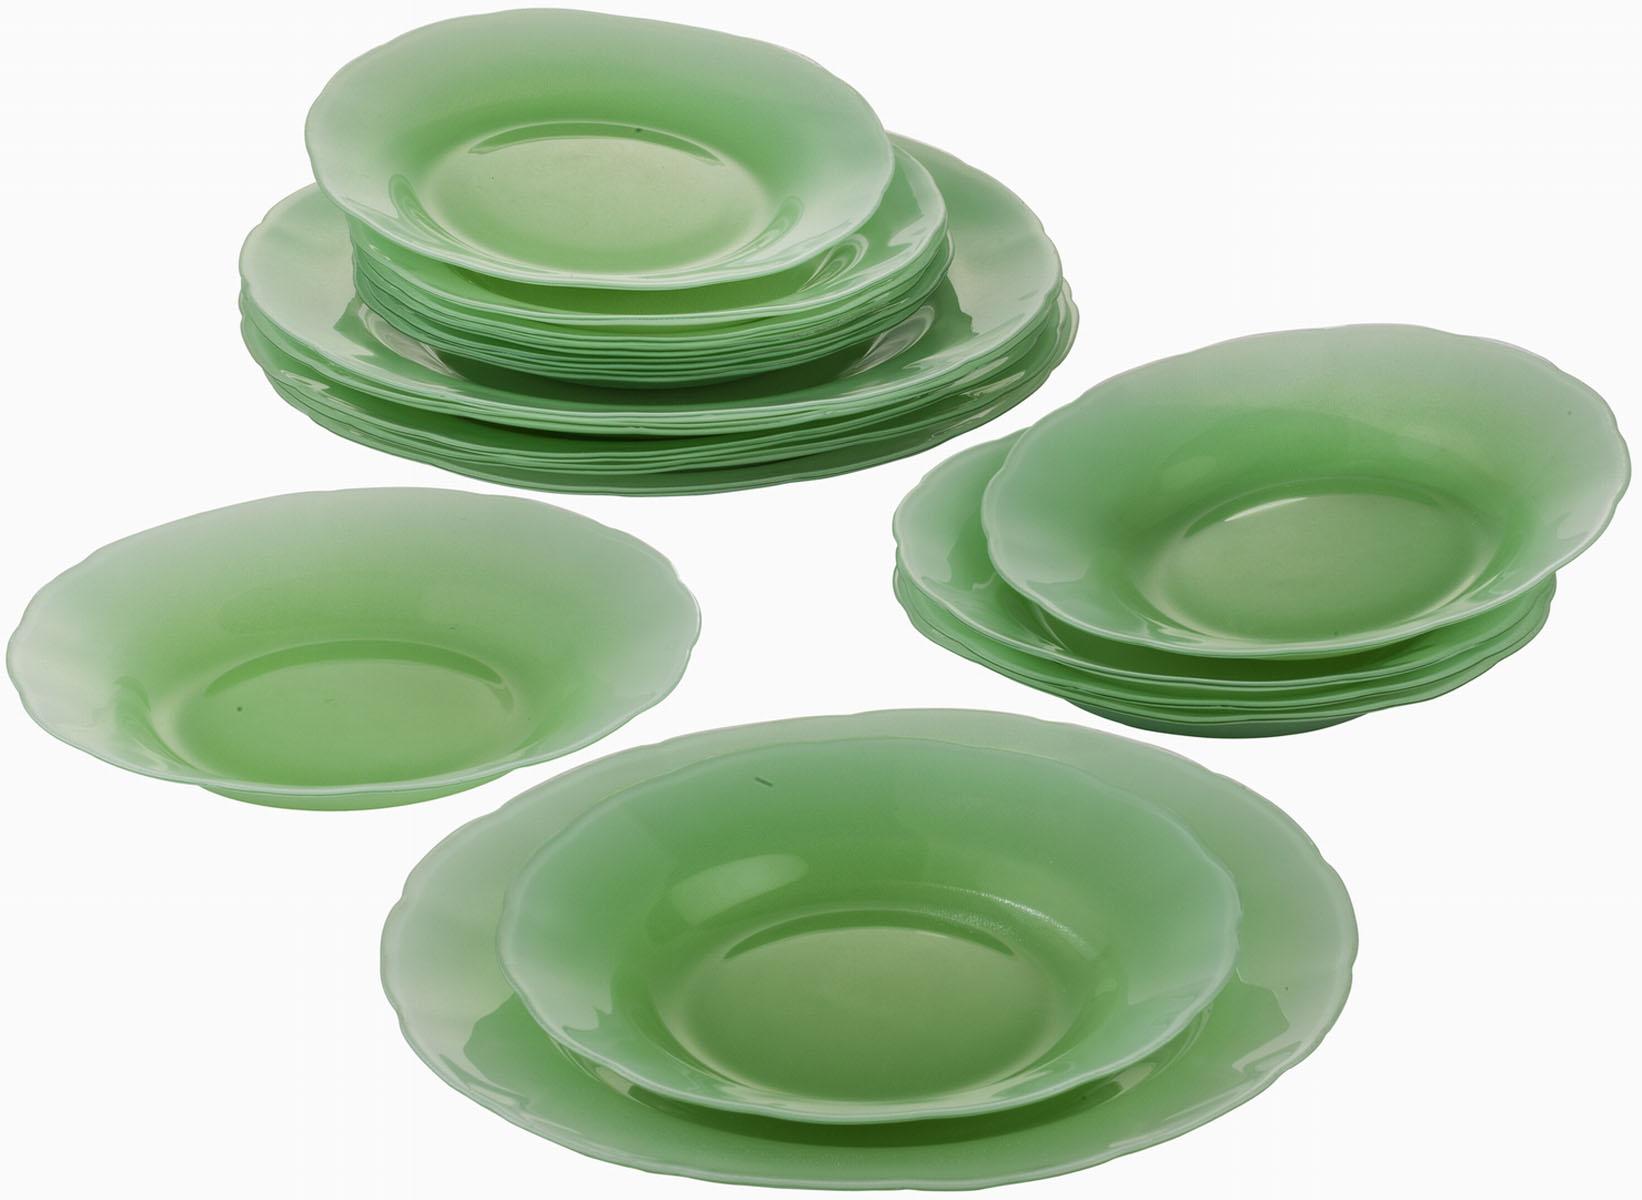 Сервиз обеденный Bekker Koch, 18 предметов, цвет: зеленый. BK-9904BK-9904Обеденный сервиз Bekker Koch, изготовленный из высококачественного стекла, состоит из 6 суповых тарелок, 6 обеденных тарелок и 6 десертных тарелок. Такой сервиз придется по вкусу любителям классики, и тем, кто предпочитает утонченность и изысканность. Набор эффектно украсит стол к обеду, а также прекрасно подойдет для торжественных случаев.Не рекомендуется мыть в посудомоечной машине.